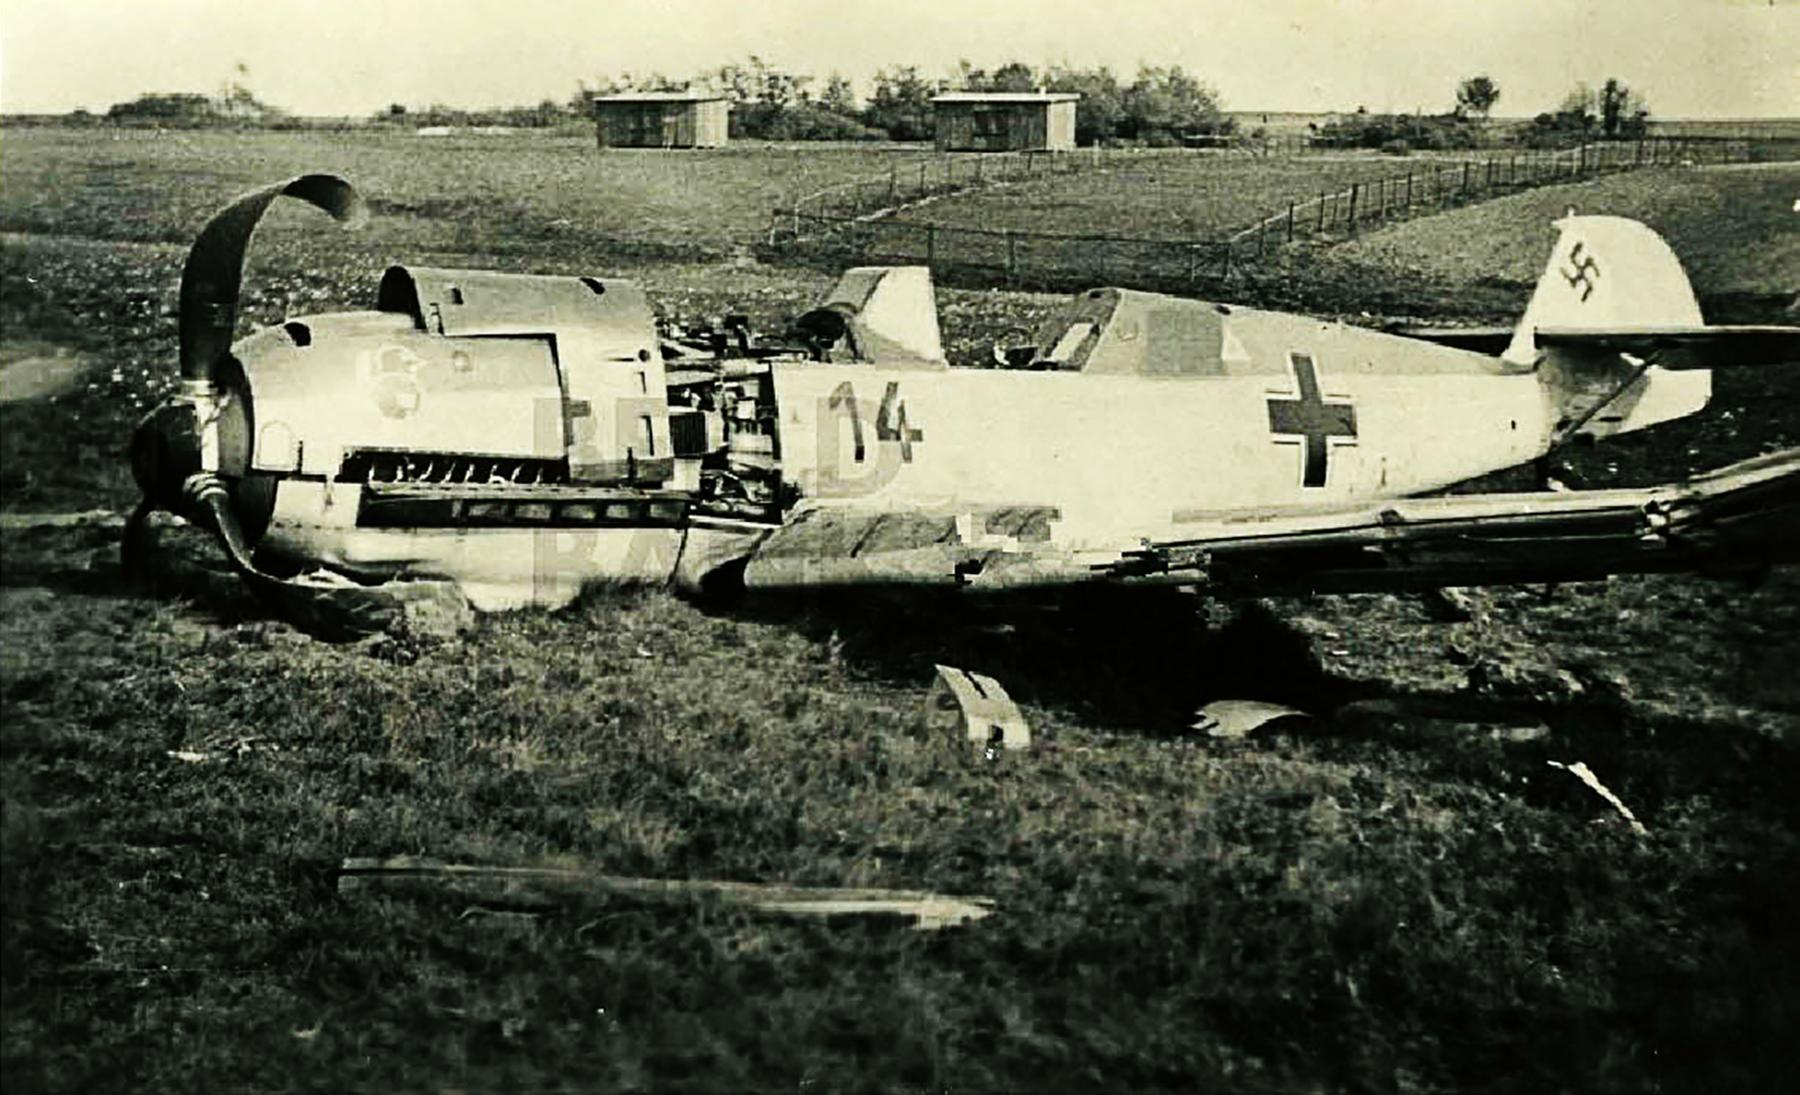 Messerschmitt Bf 109E3 2.JG21 Black 14 shot down by flak De Klomp Holland 10th May 1940 01